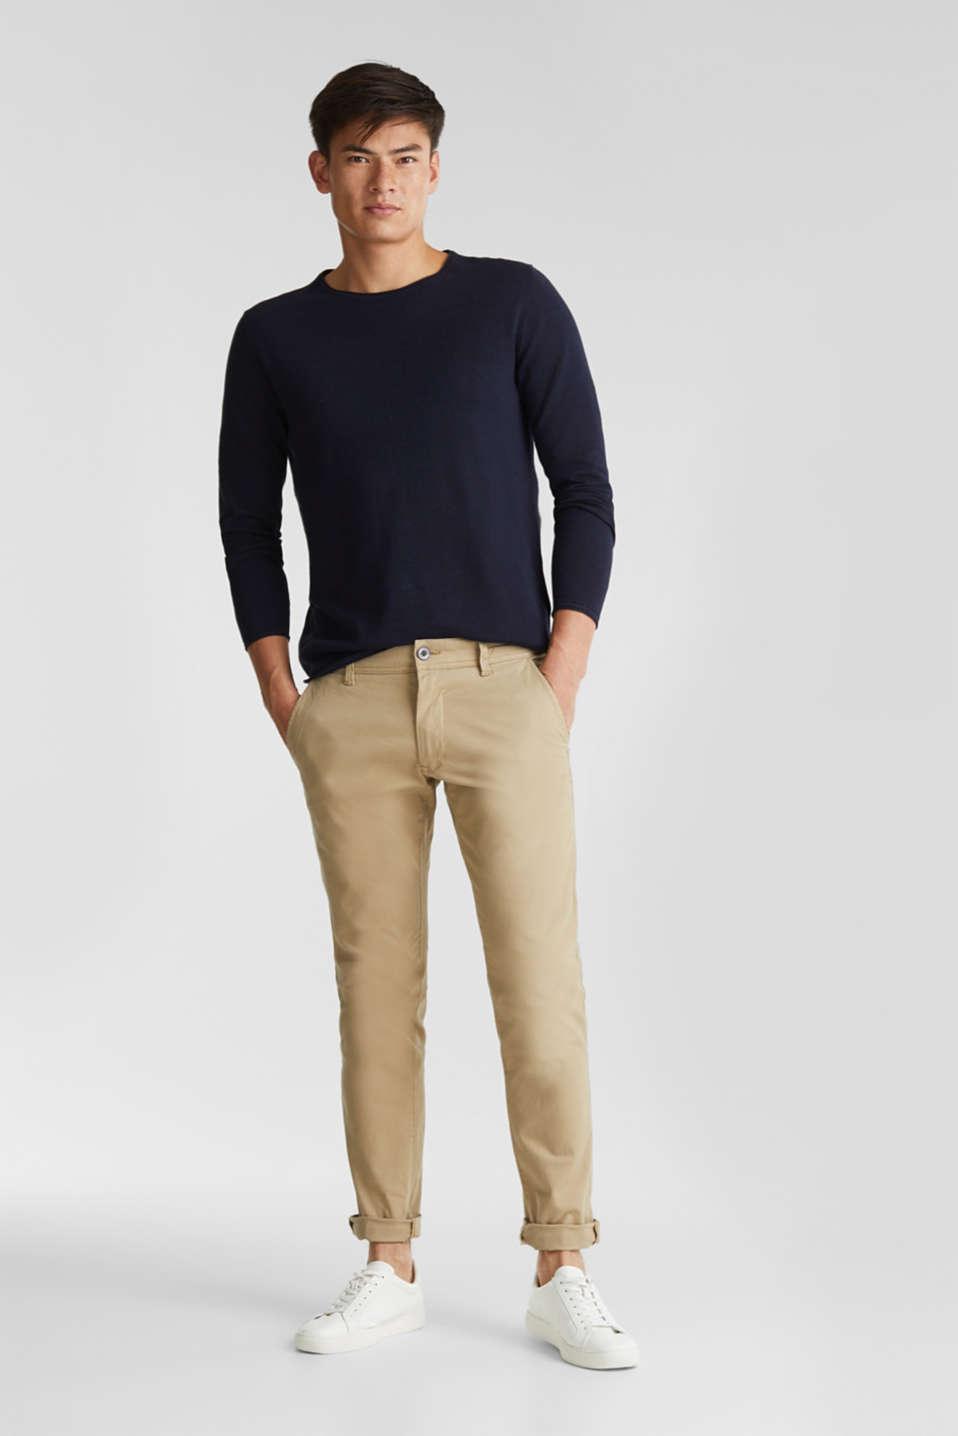 Fine knit cotton jumper, NAVY, detail image number 1